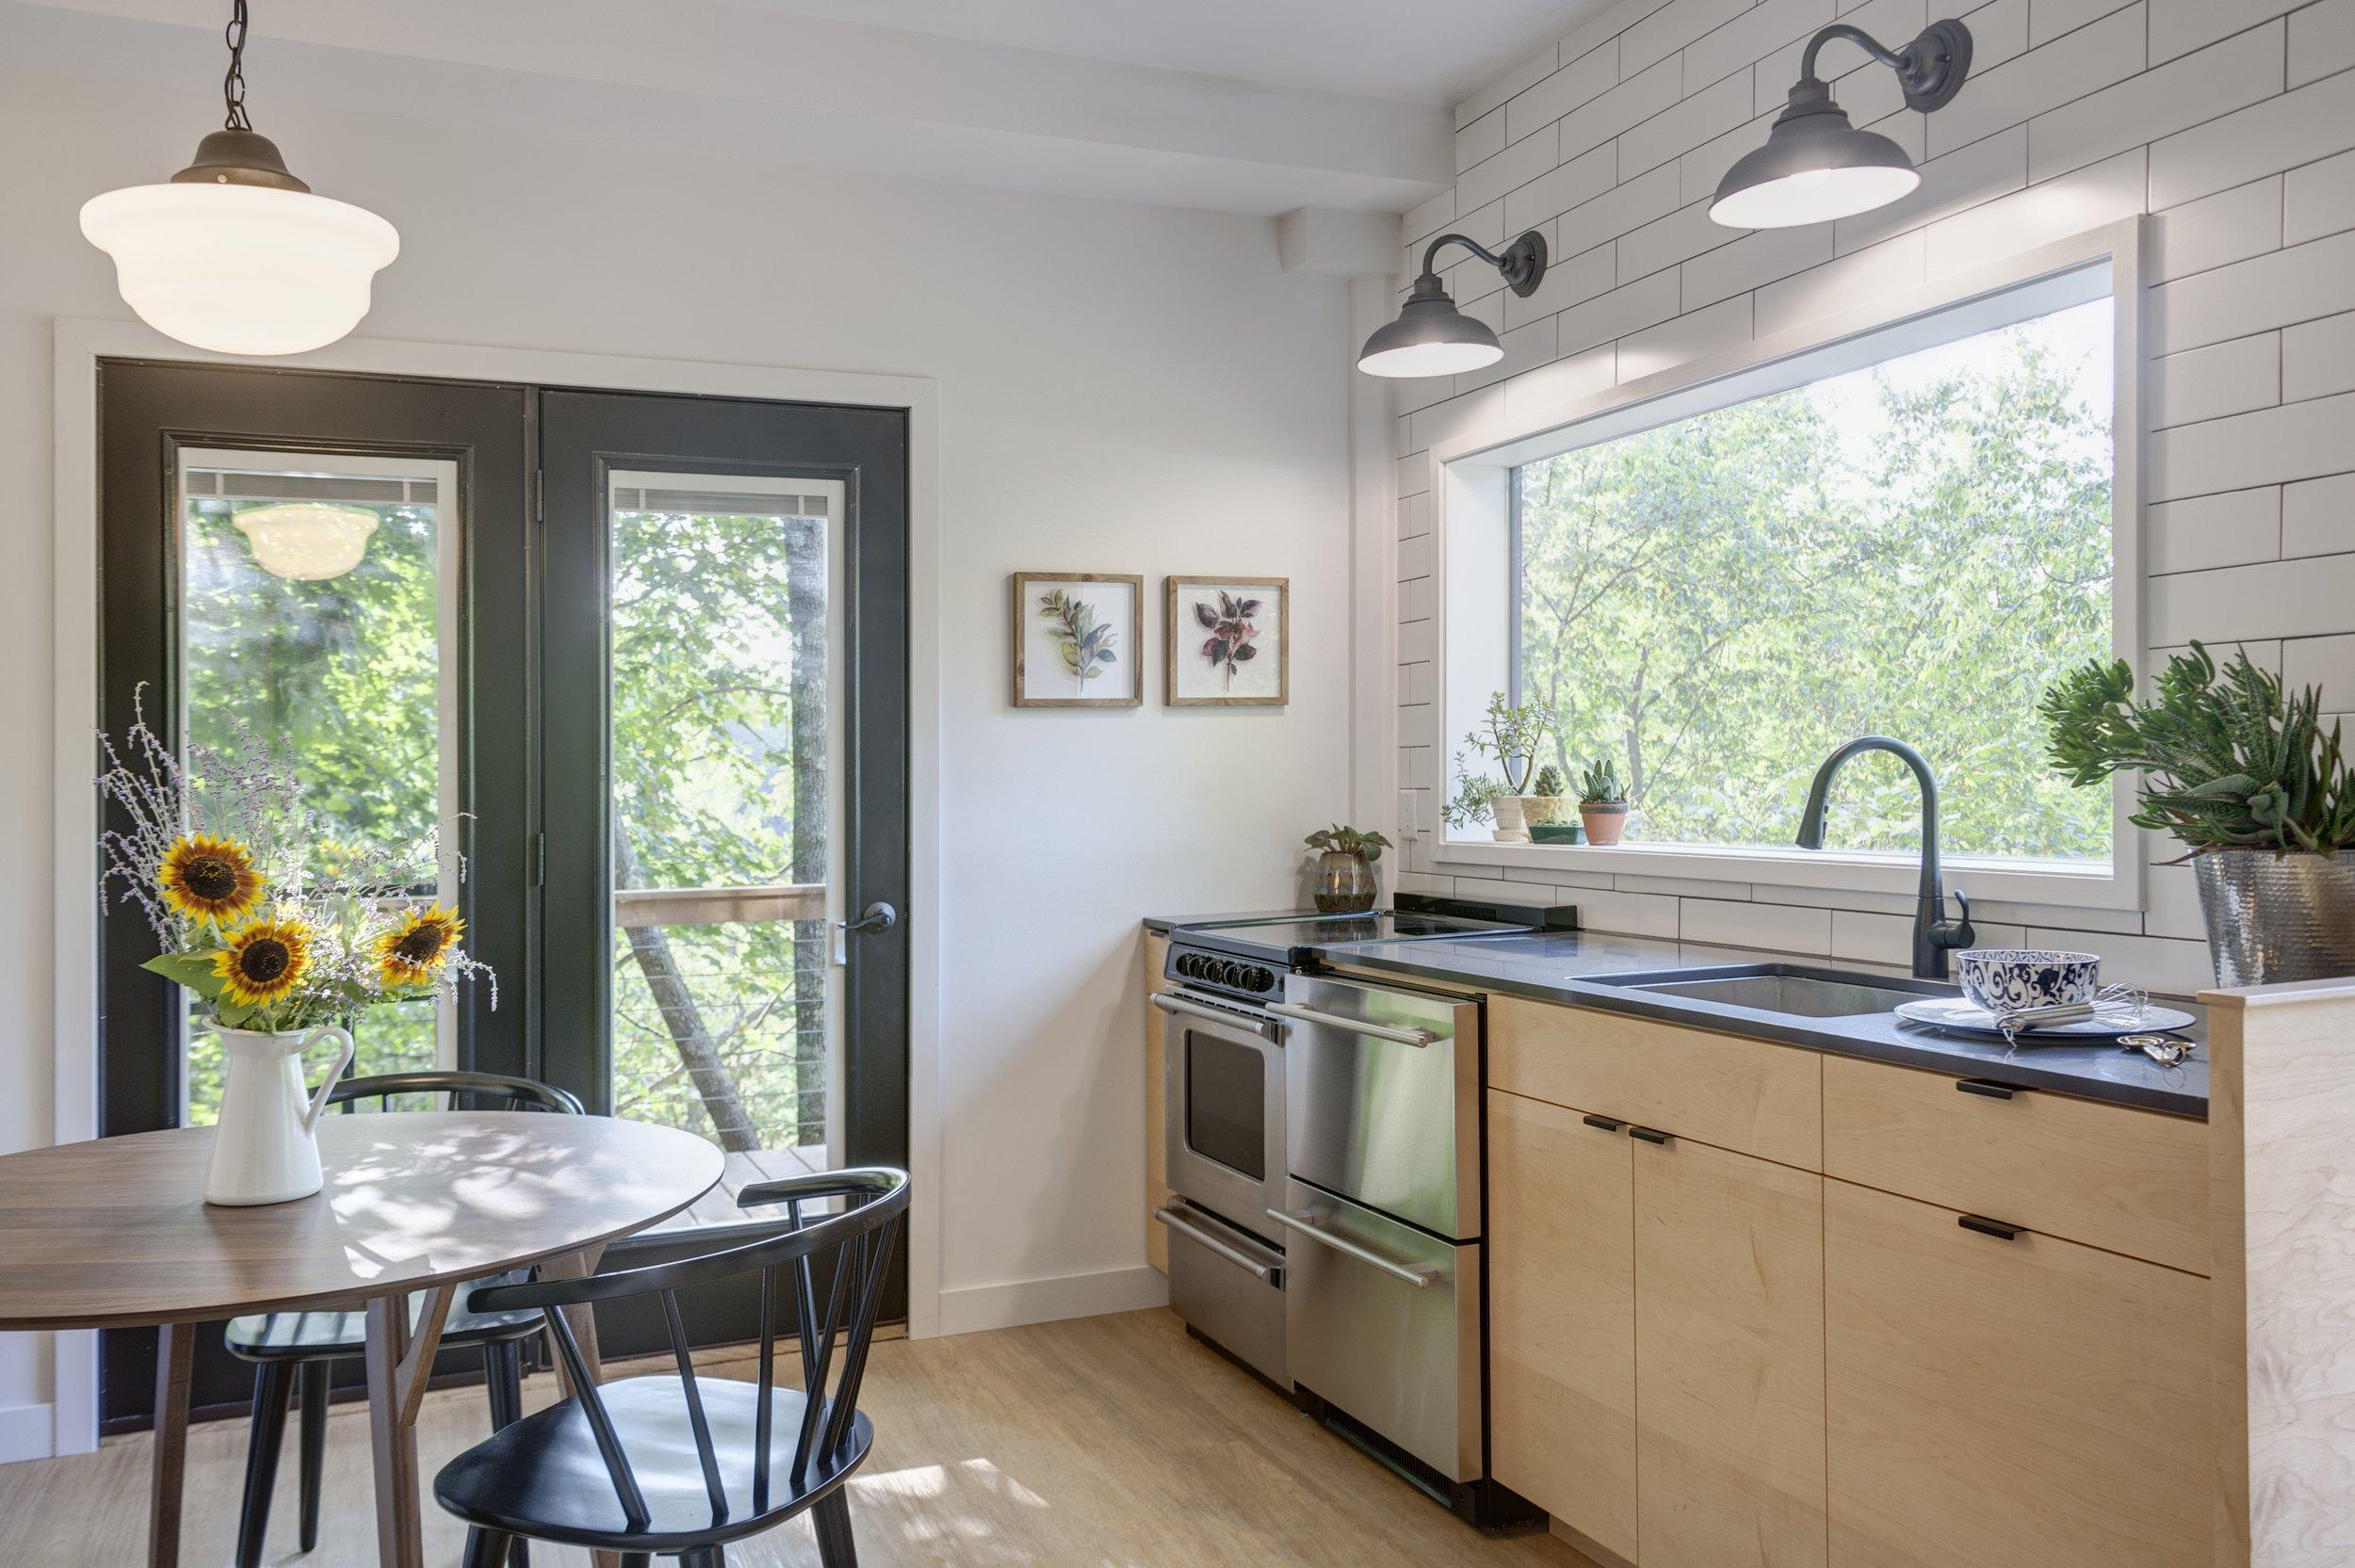 kitchen view.jpg